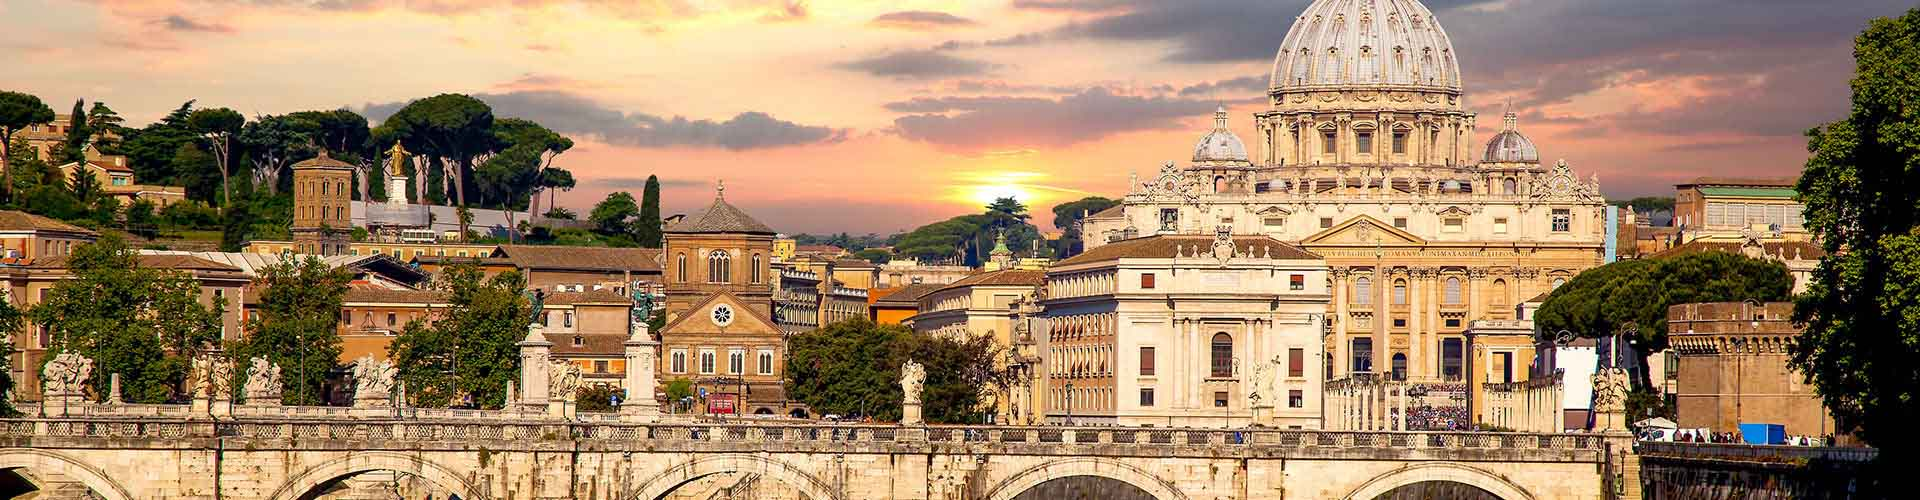 Rooma – Hostellit kohteessa Rooma. Rooma -karttoja, valokuvia ja arvosteluja kaikista Rooma -hostelleista.